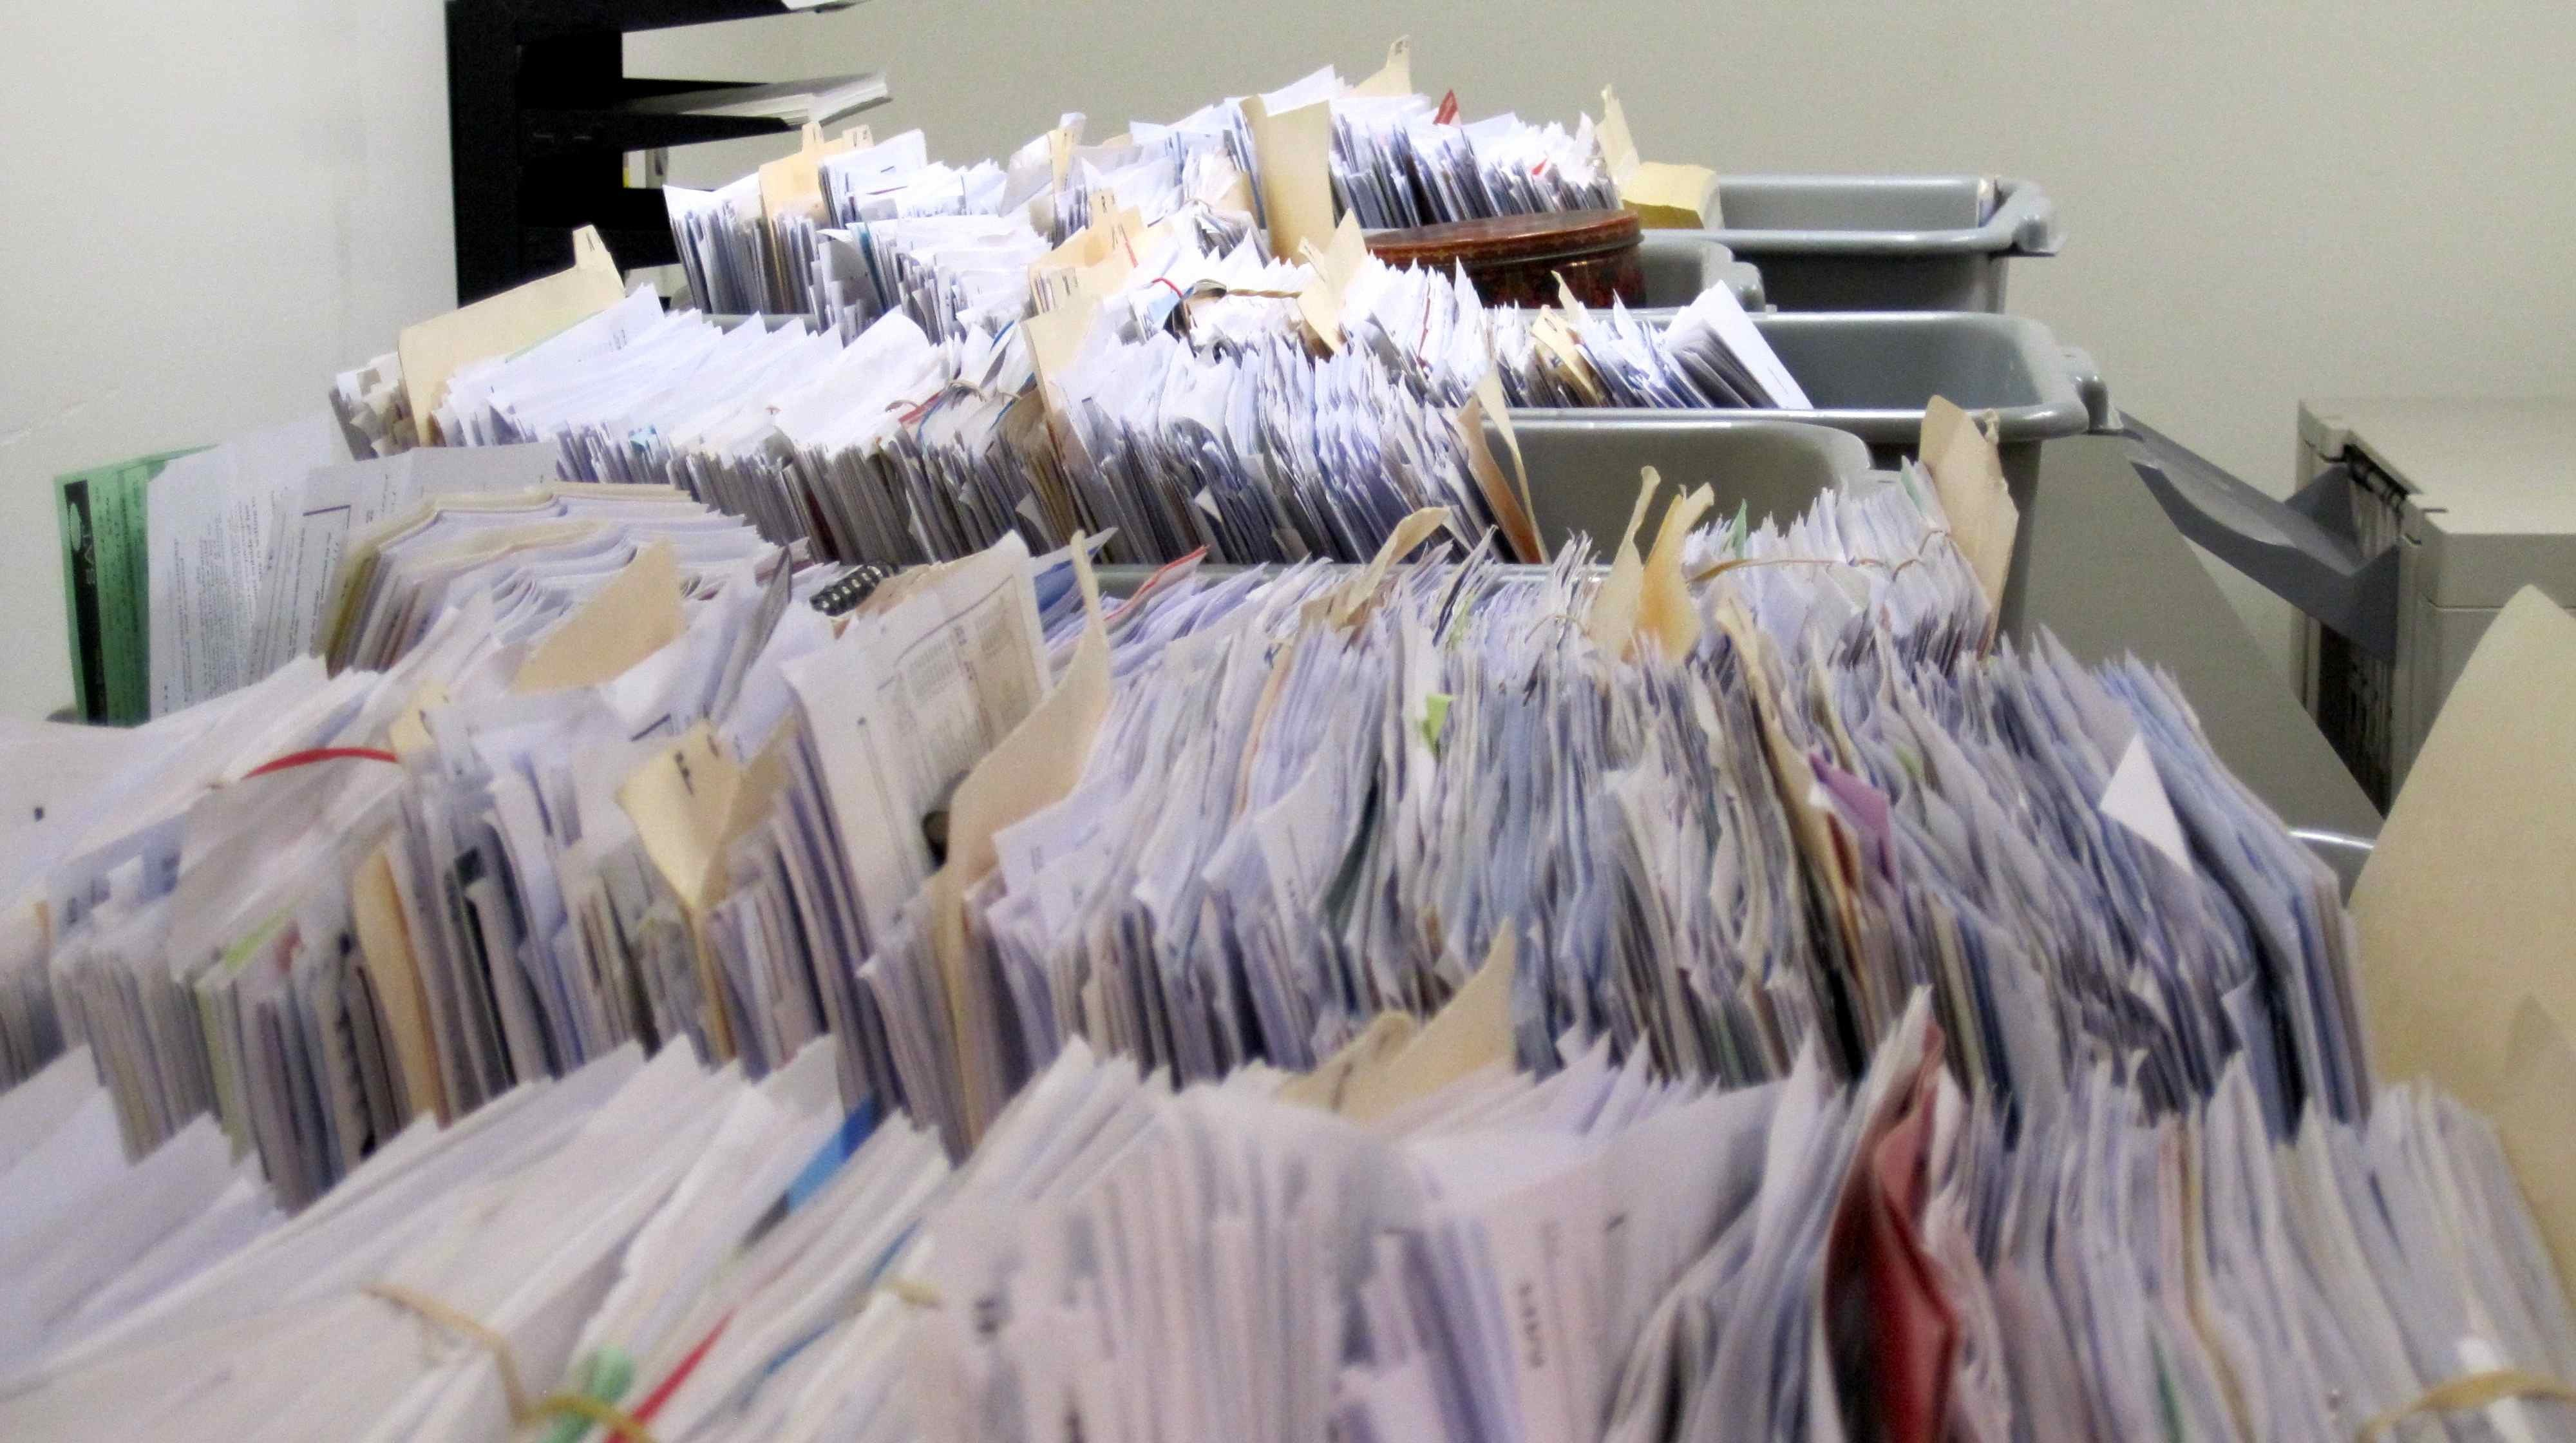 CNPDCP a recomandat CSM să revizuiască regulile privind publicarea numelui/prenumelui părților și altor date cu caracter personal în hotărârile judecătorești